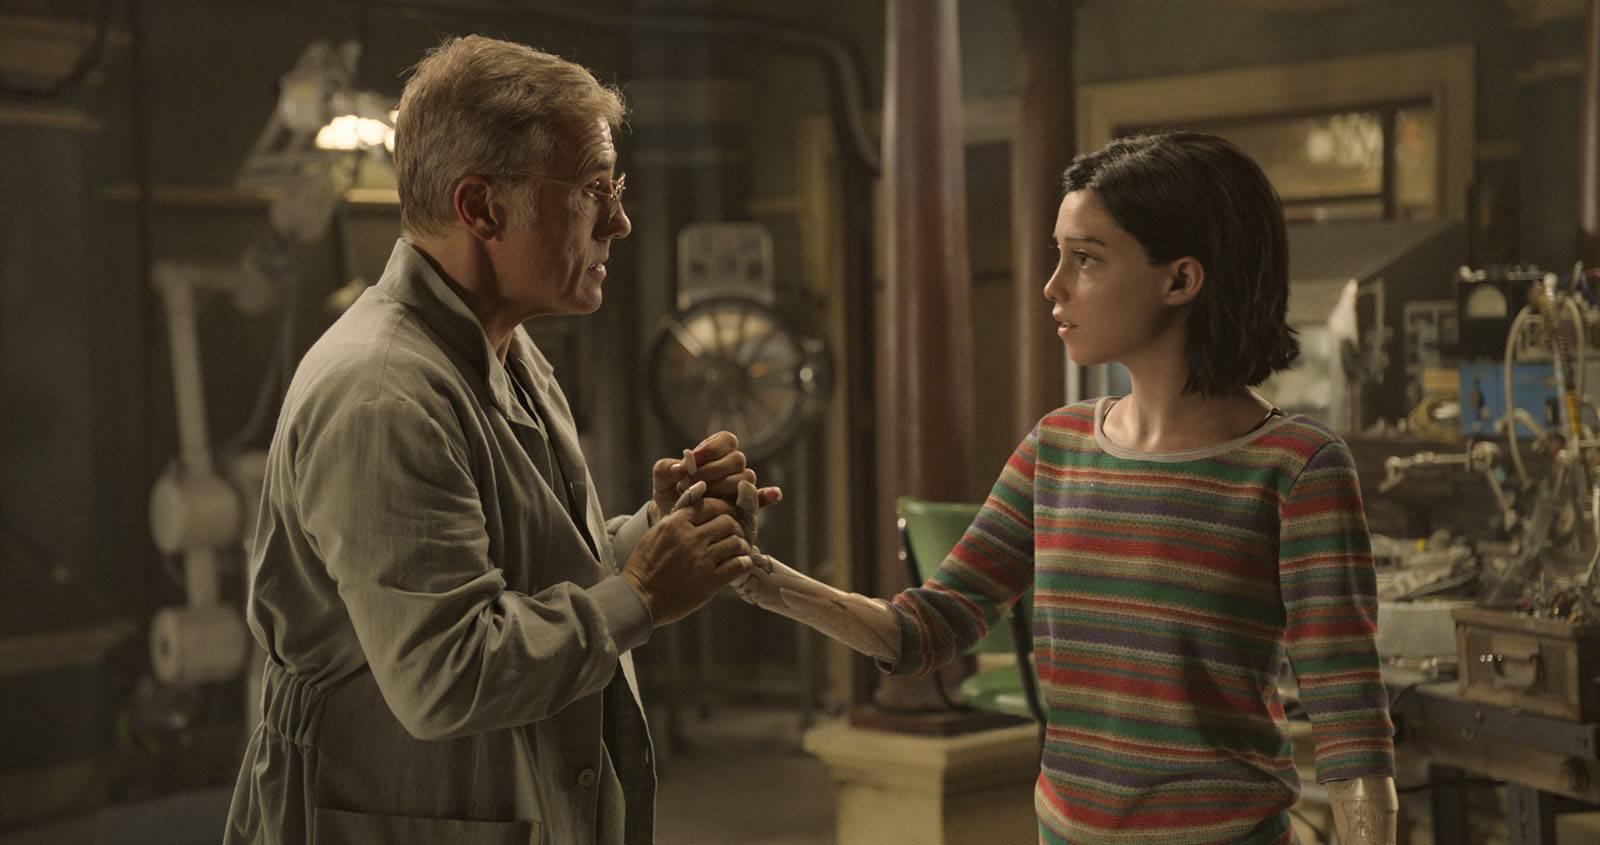 «Снёс мне крышу»: первые отзывы на фильм «Алита: Боевой ангел»